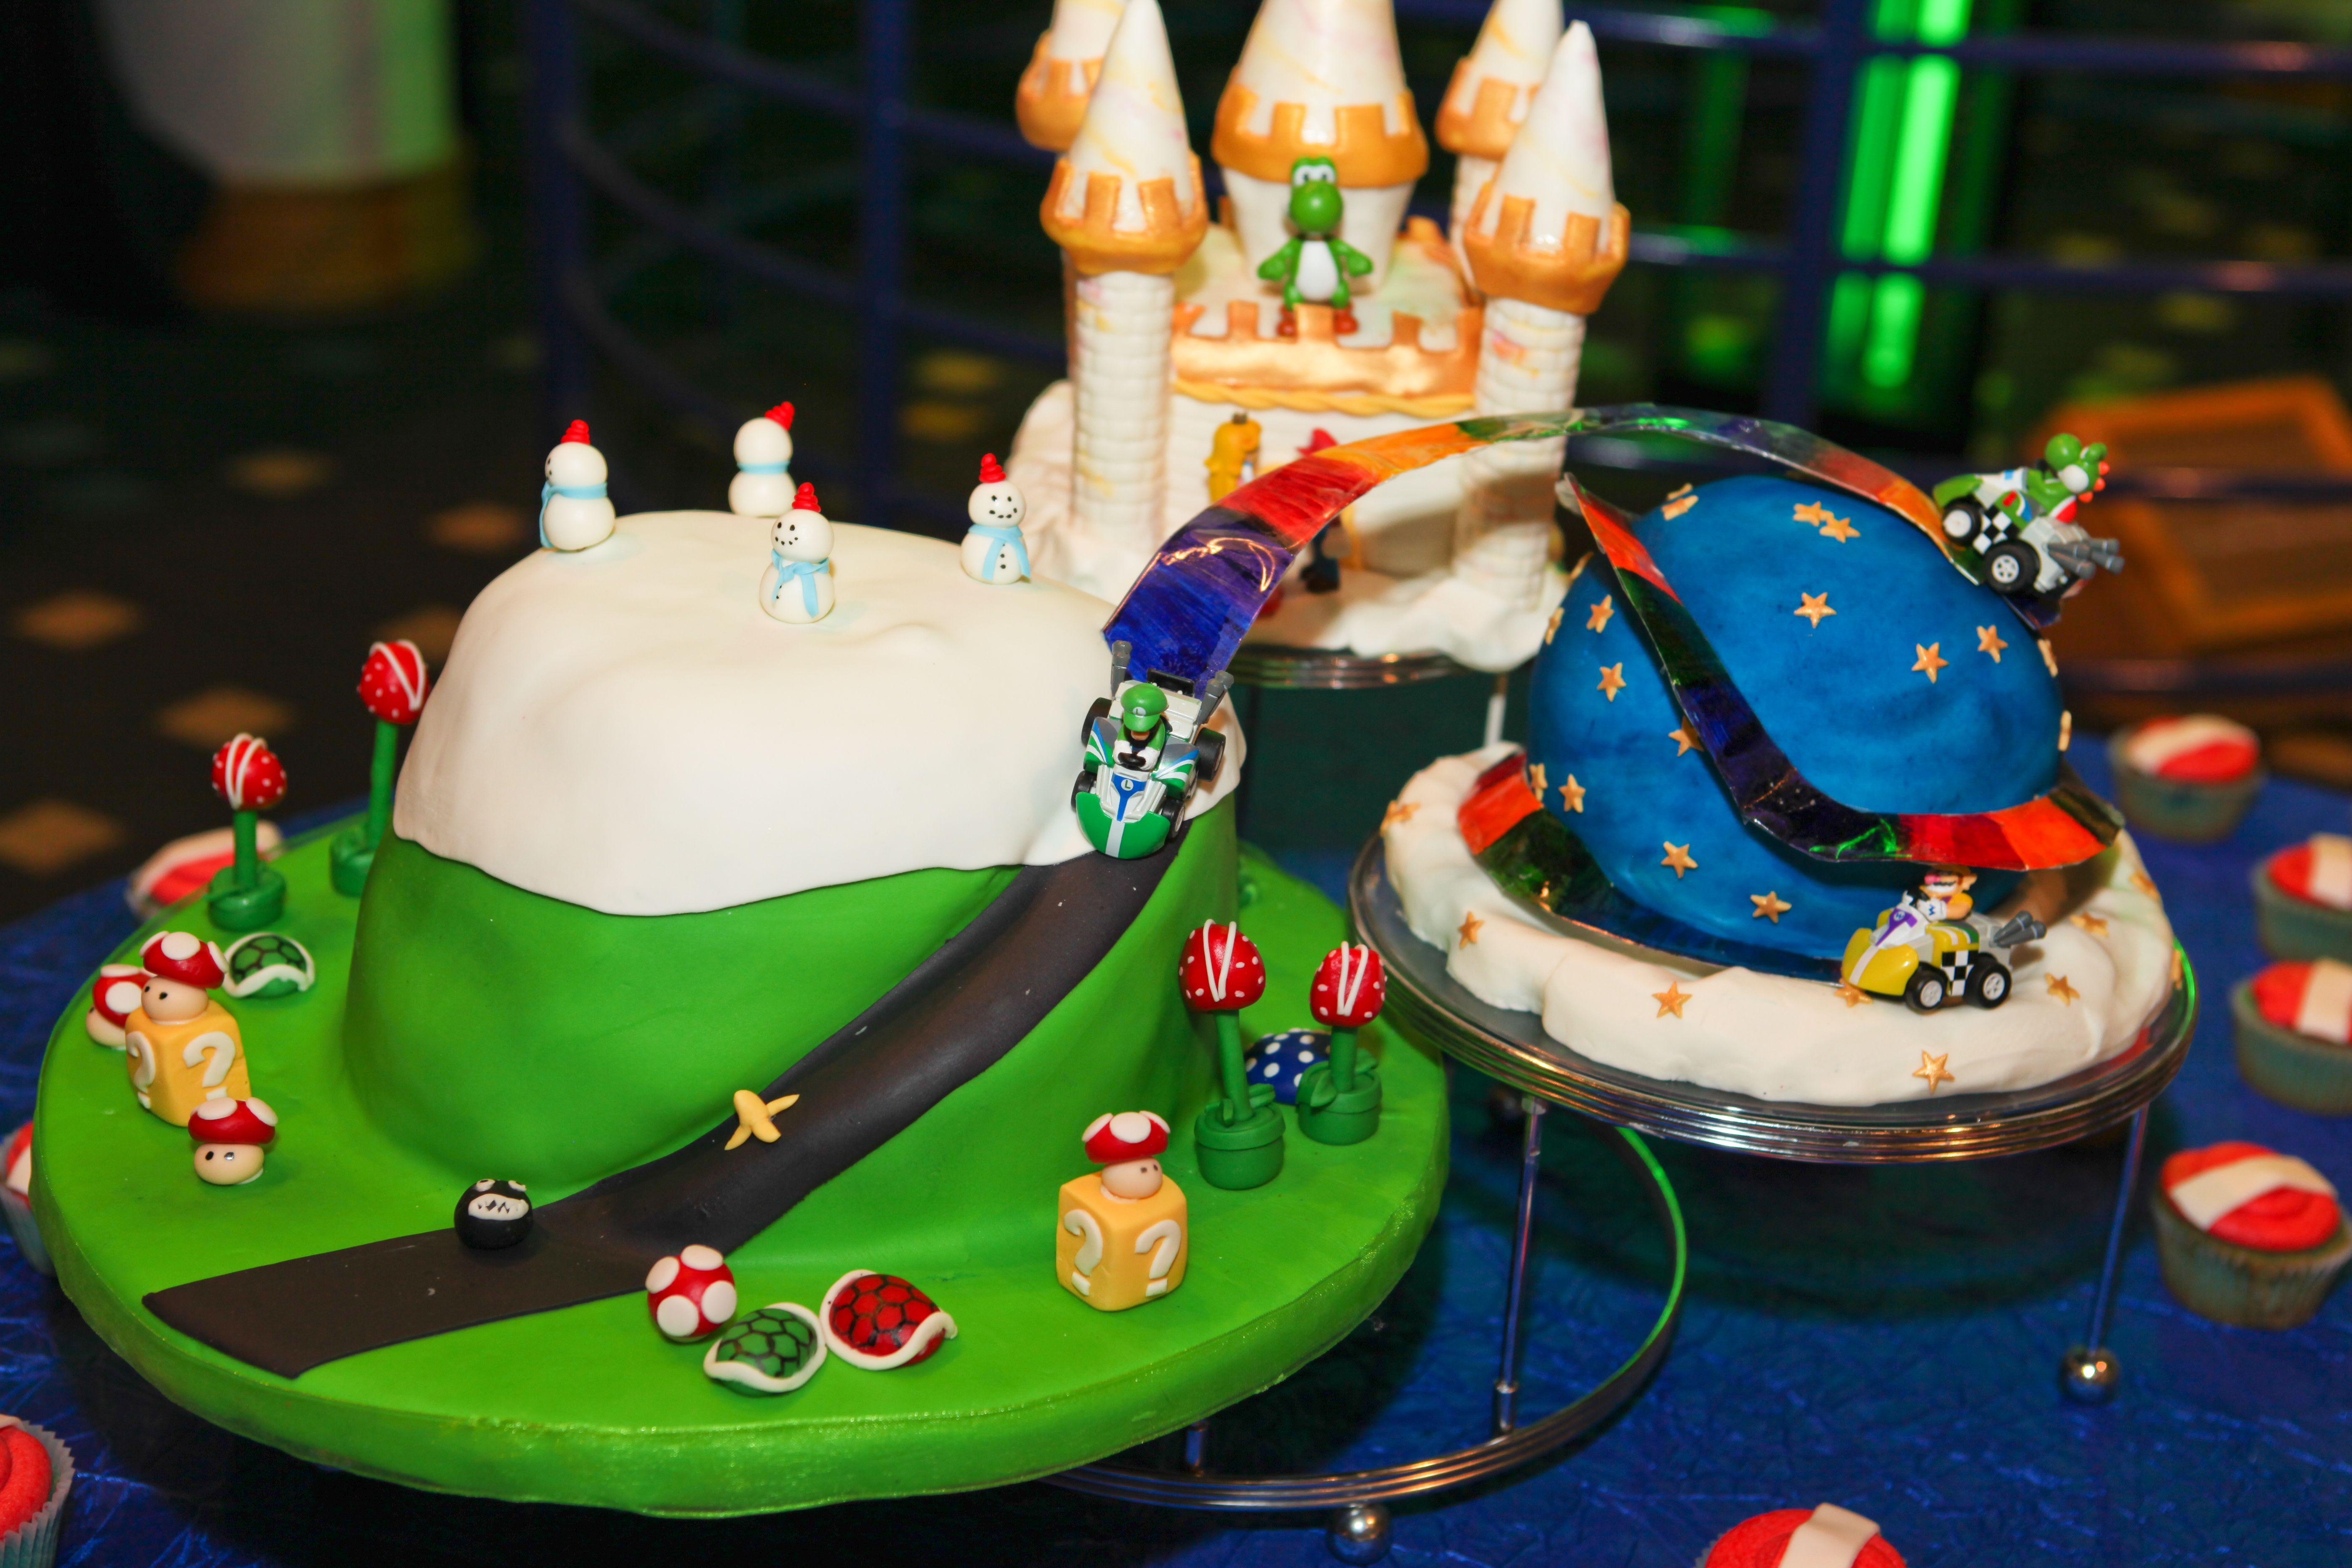 Mario Kart Cake WII Gaming System Pinterest